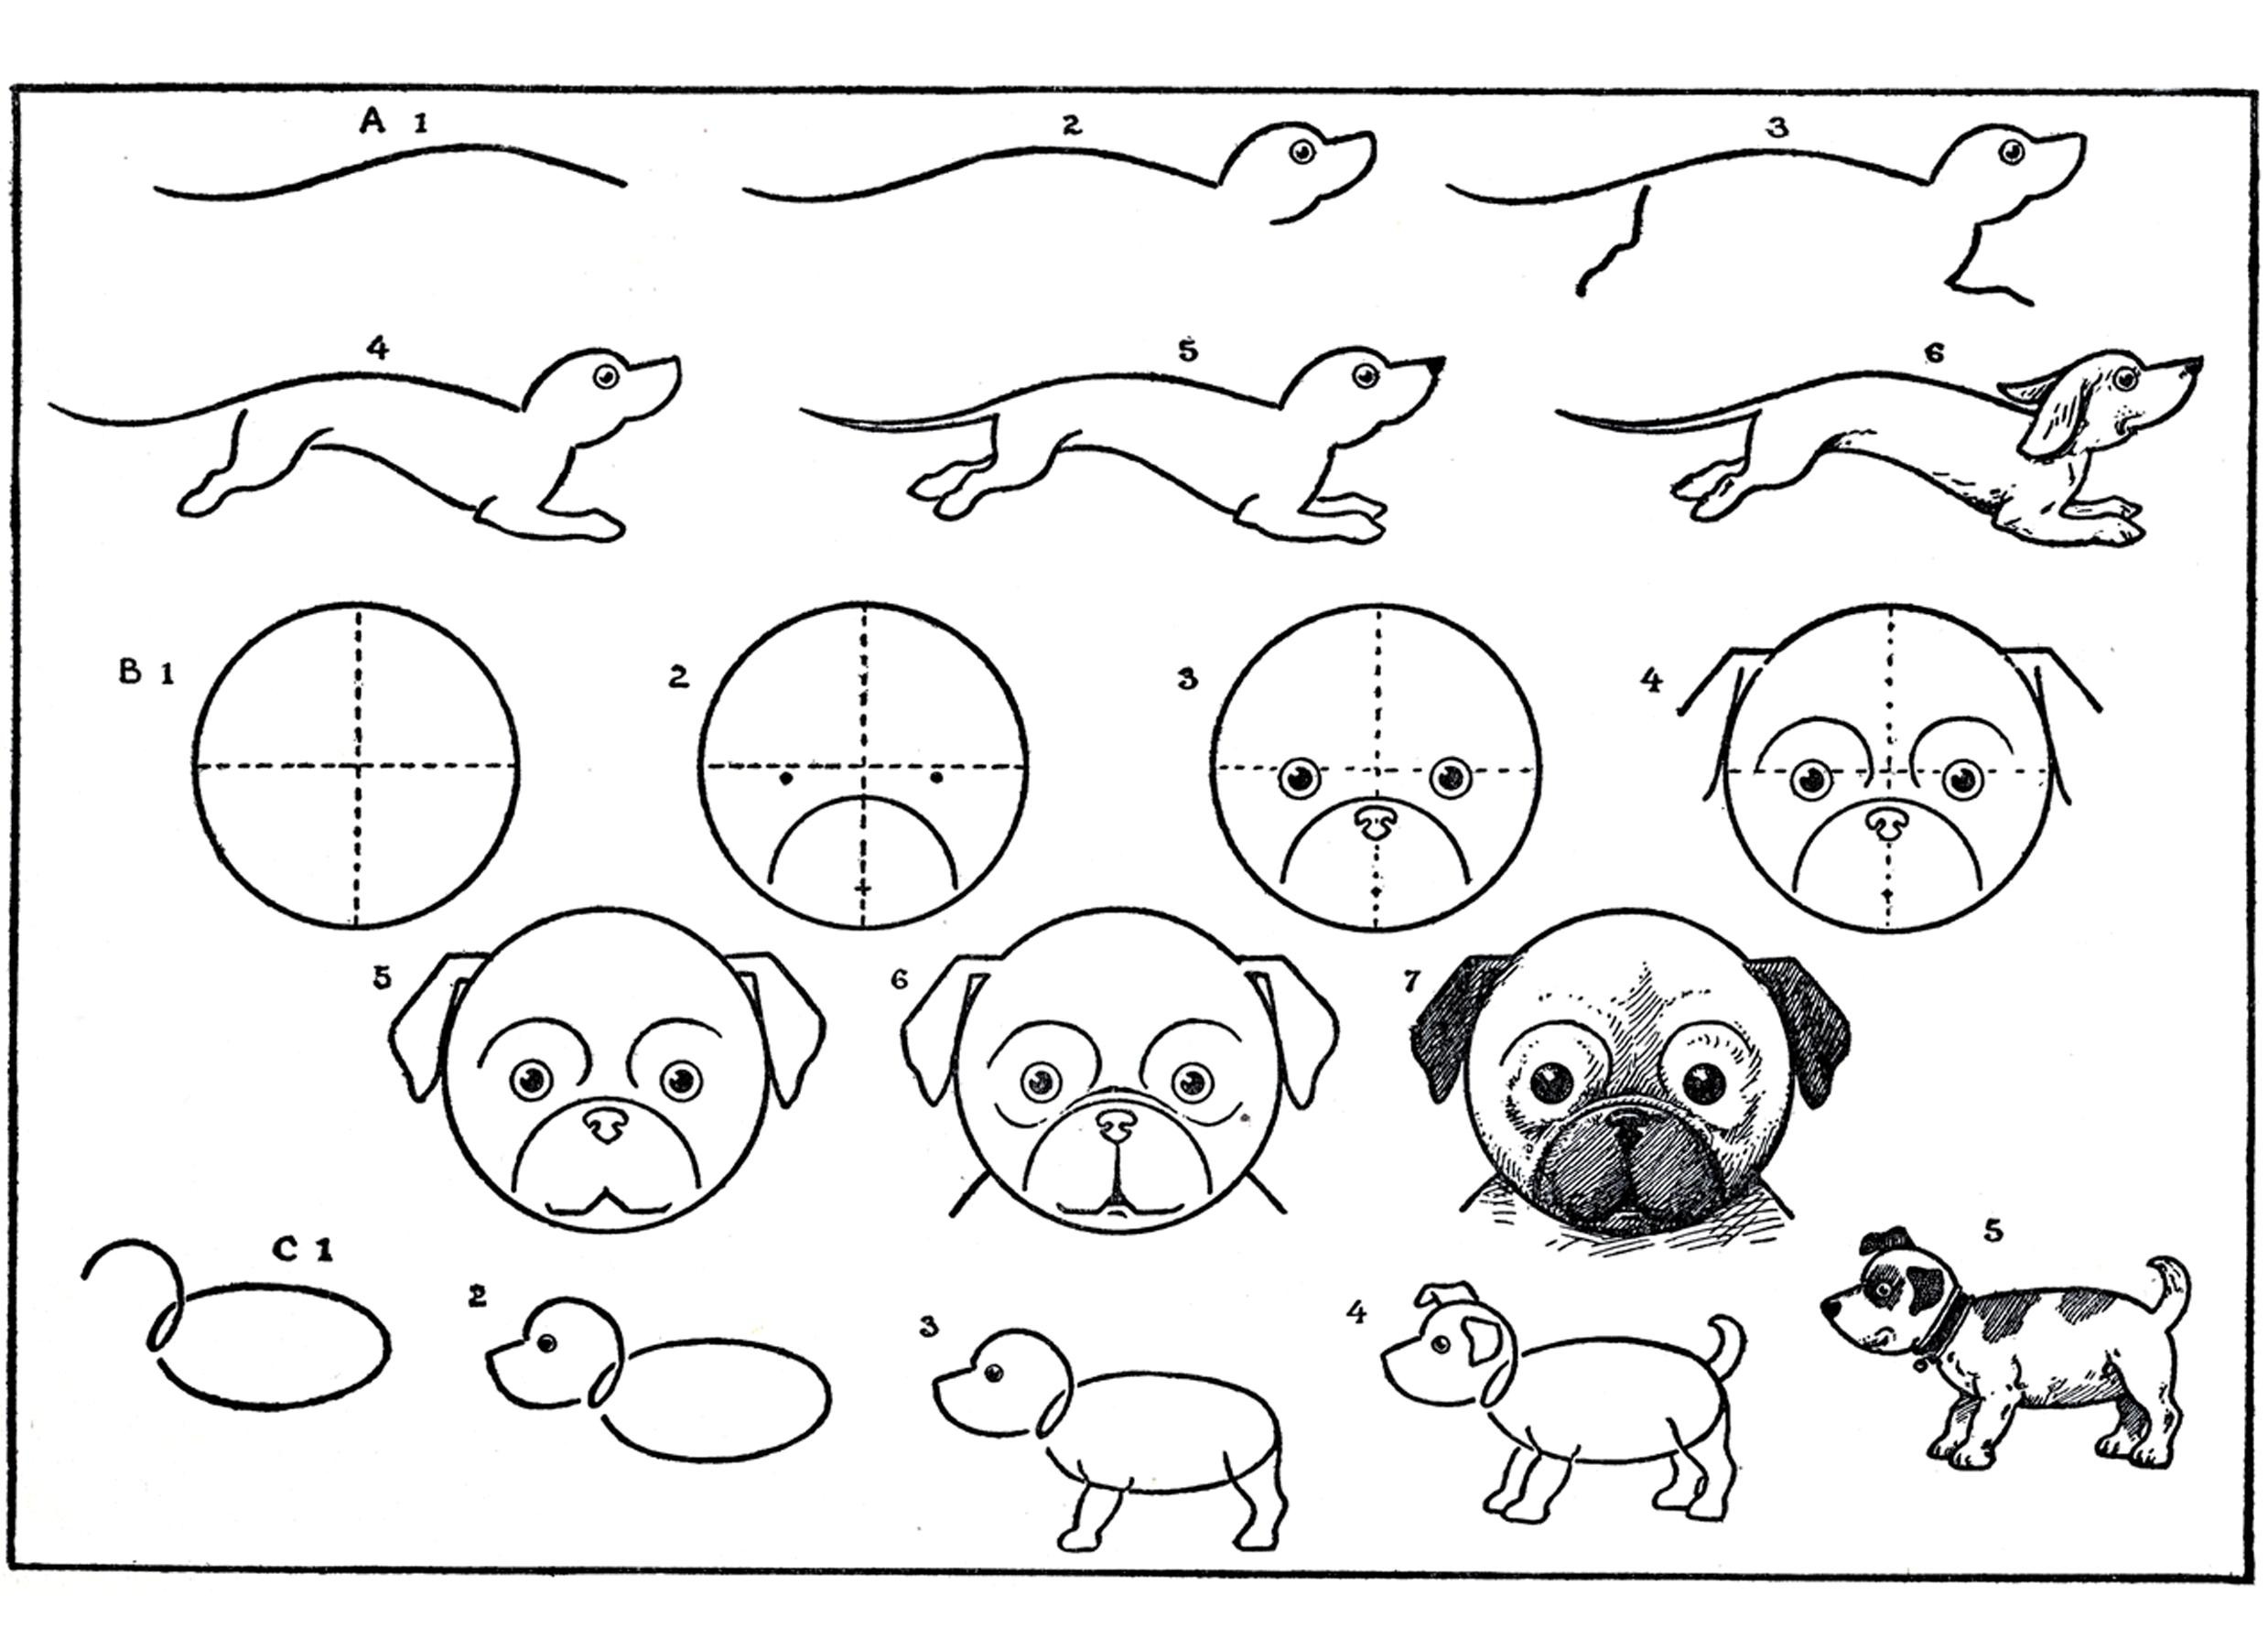 Картинки с животными нарисованные карандашом для детей, спокойной ночи картинках